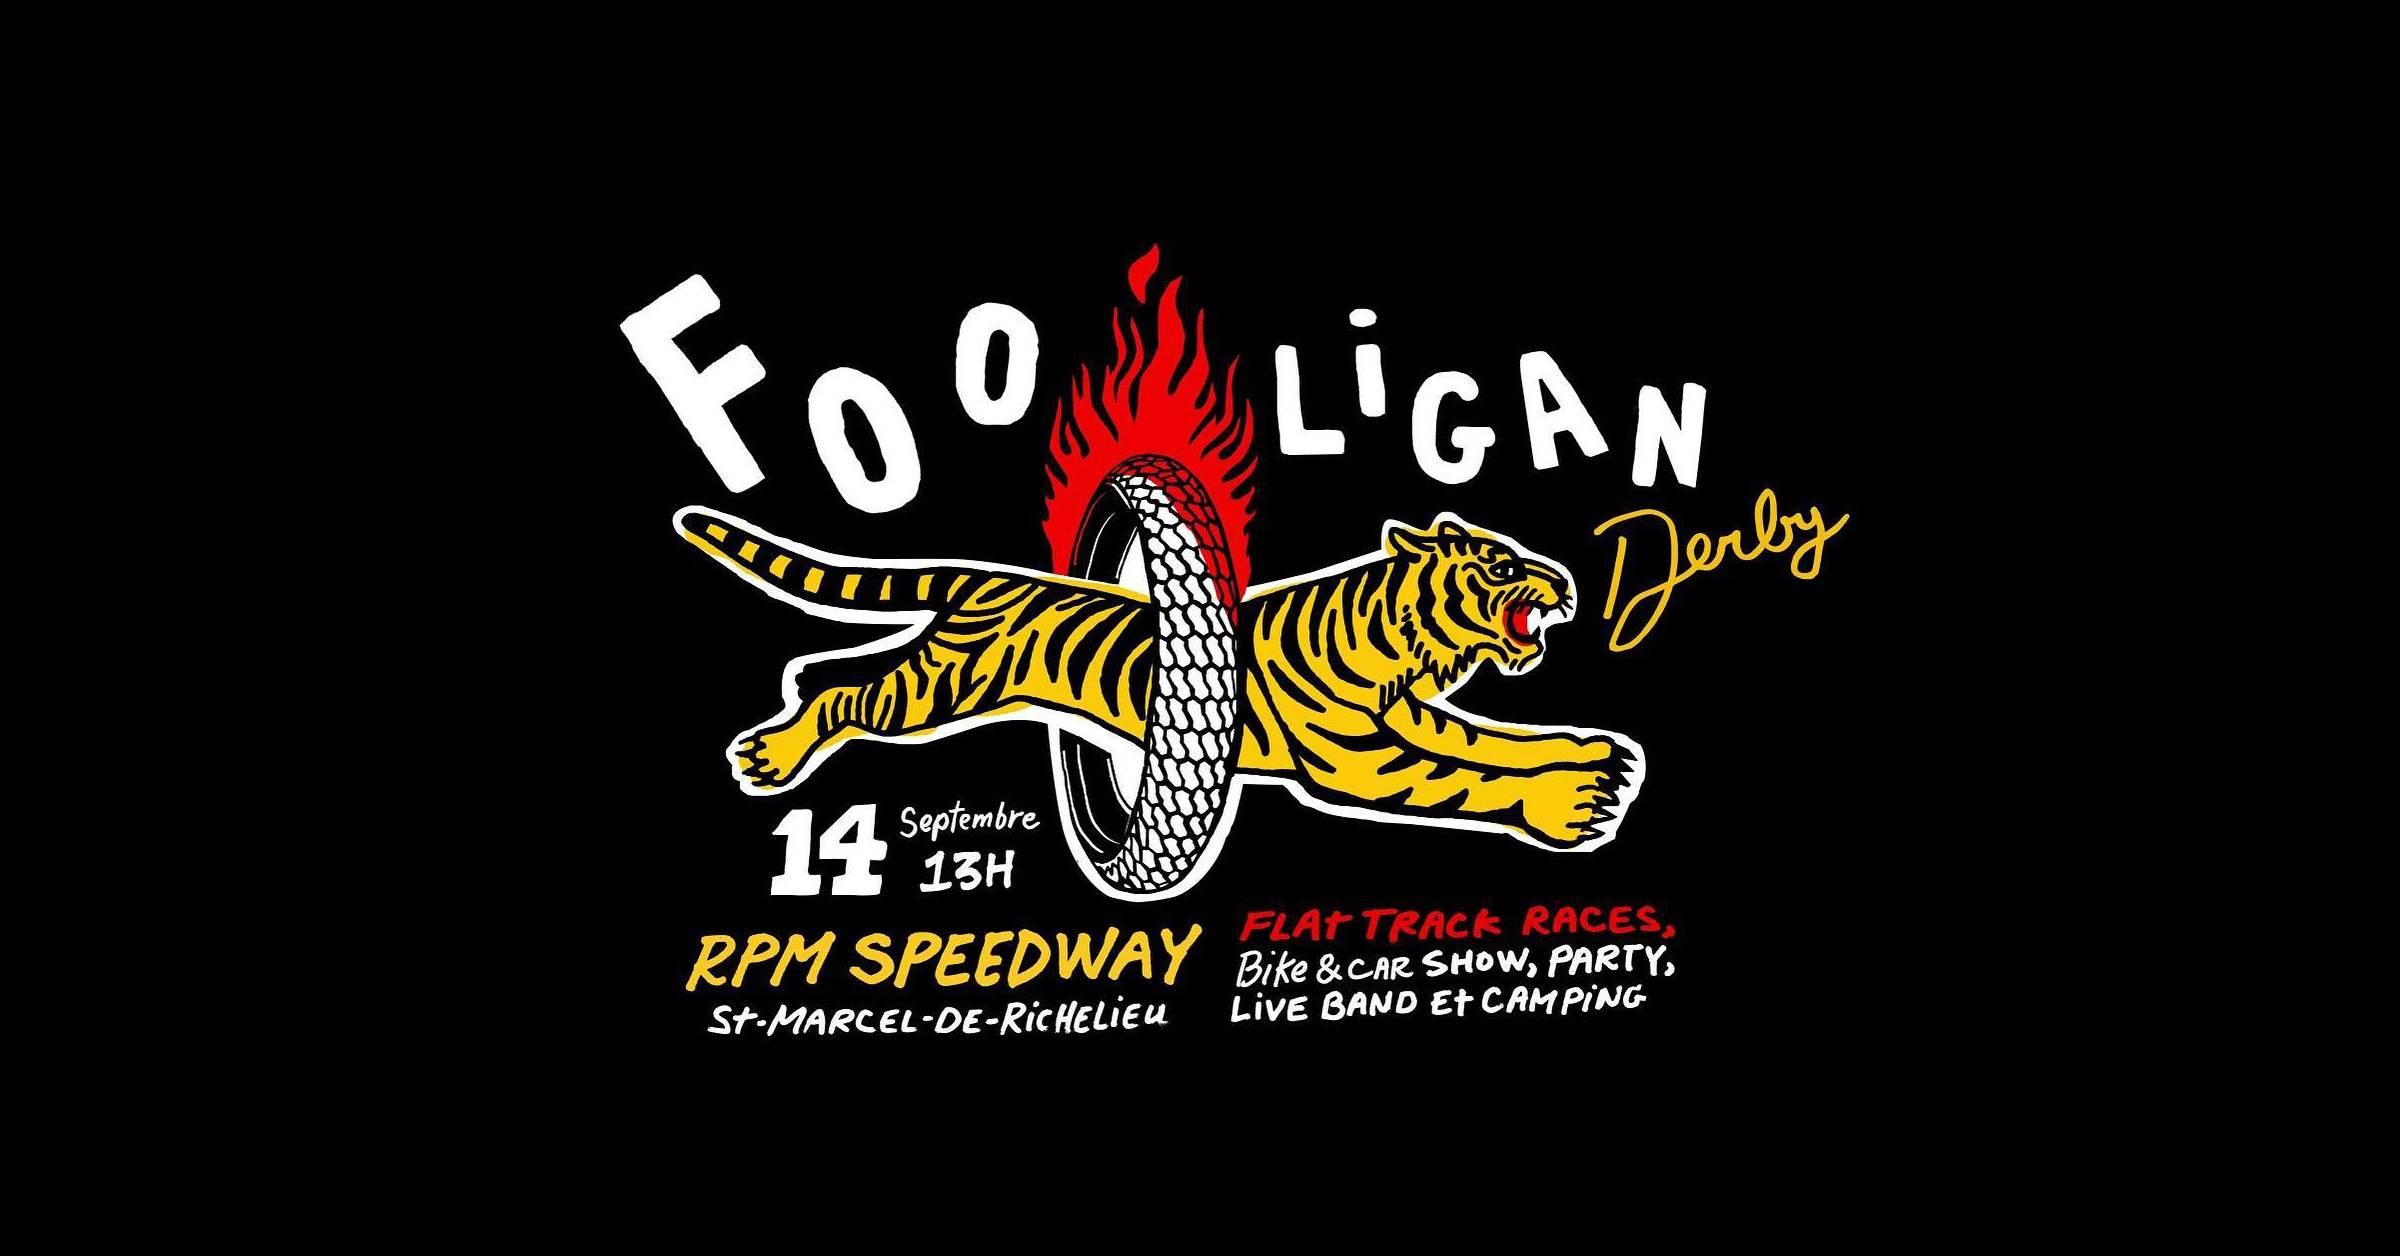 Fooligan Derby: LA course de flat-track à ne pas manquer